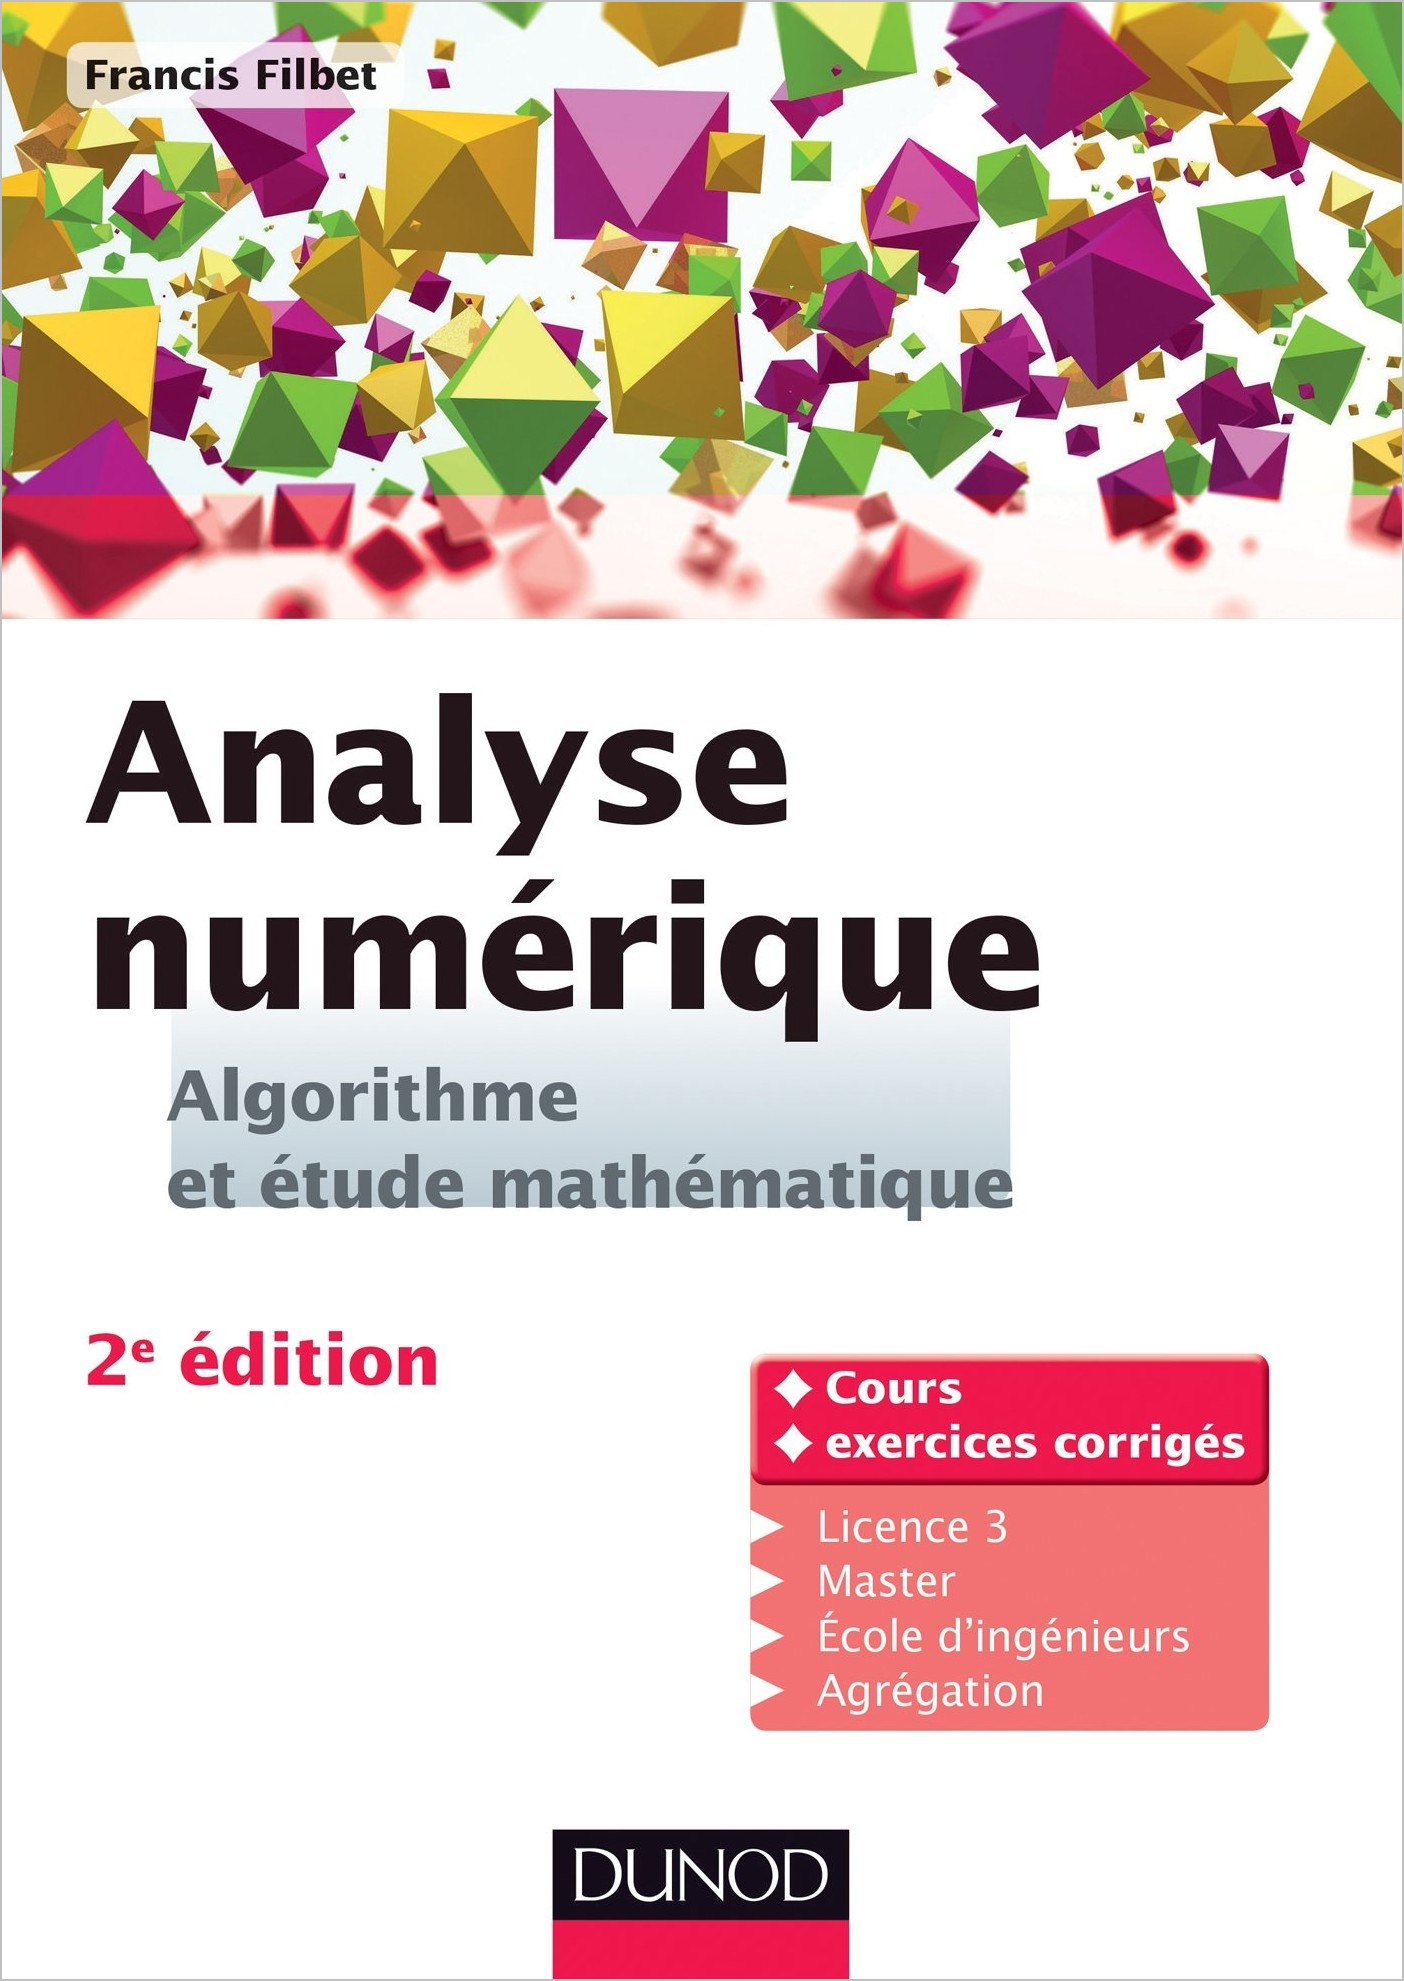 Analyse numérique – Algorithme et étude mathématique